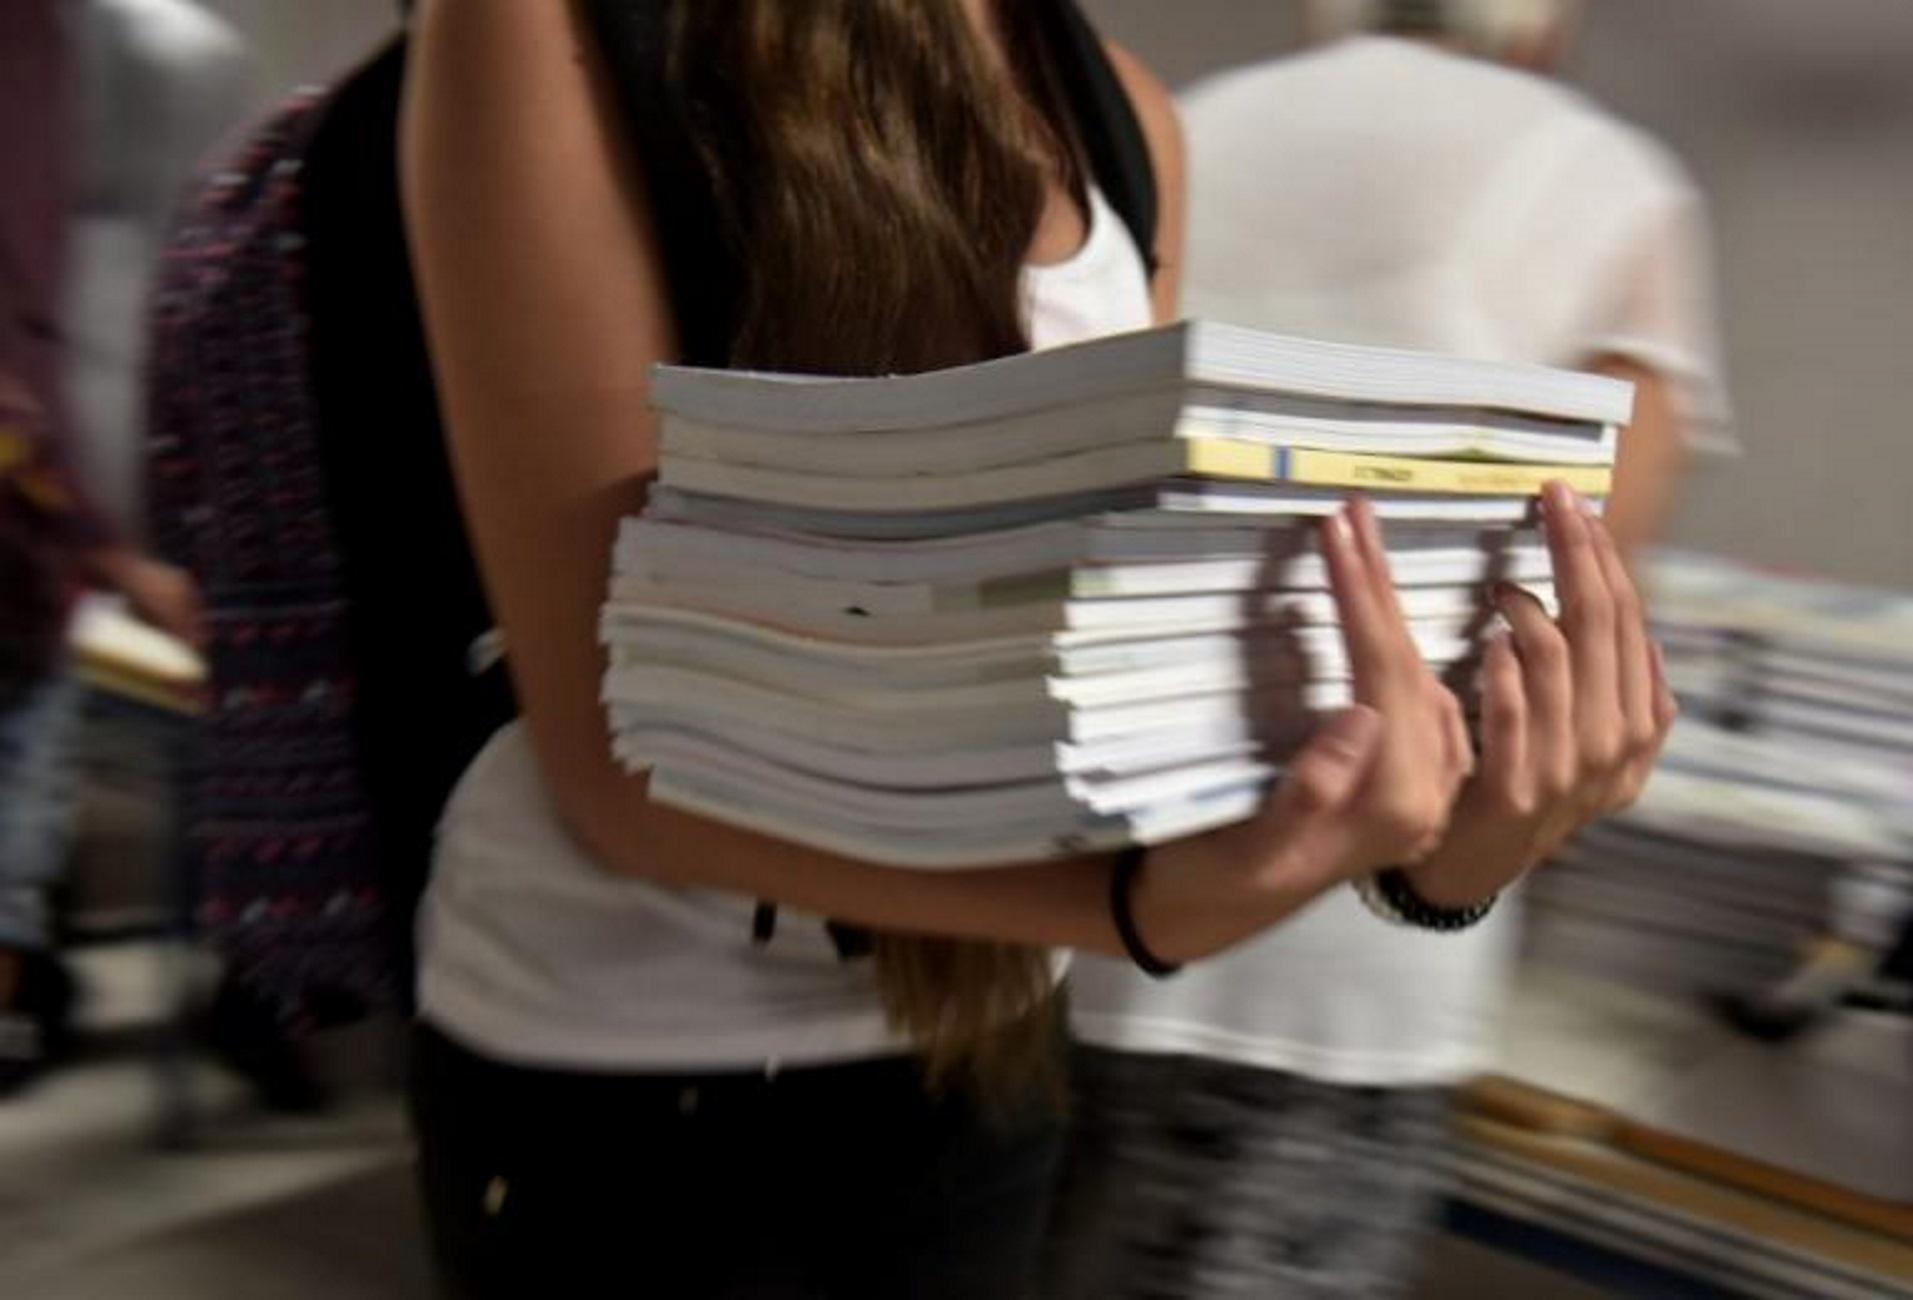 """Ρόδος: Ανάβουν φωτιές οι καταγγελίες μαθήτριας για τον μαθηματικό της – """"Οι ερωτήσεις ήταν μόνο η αρχή""""!"""